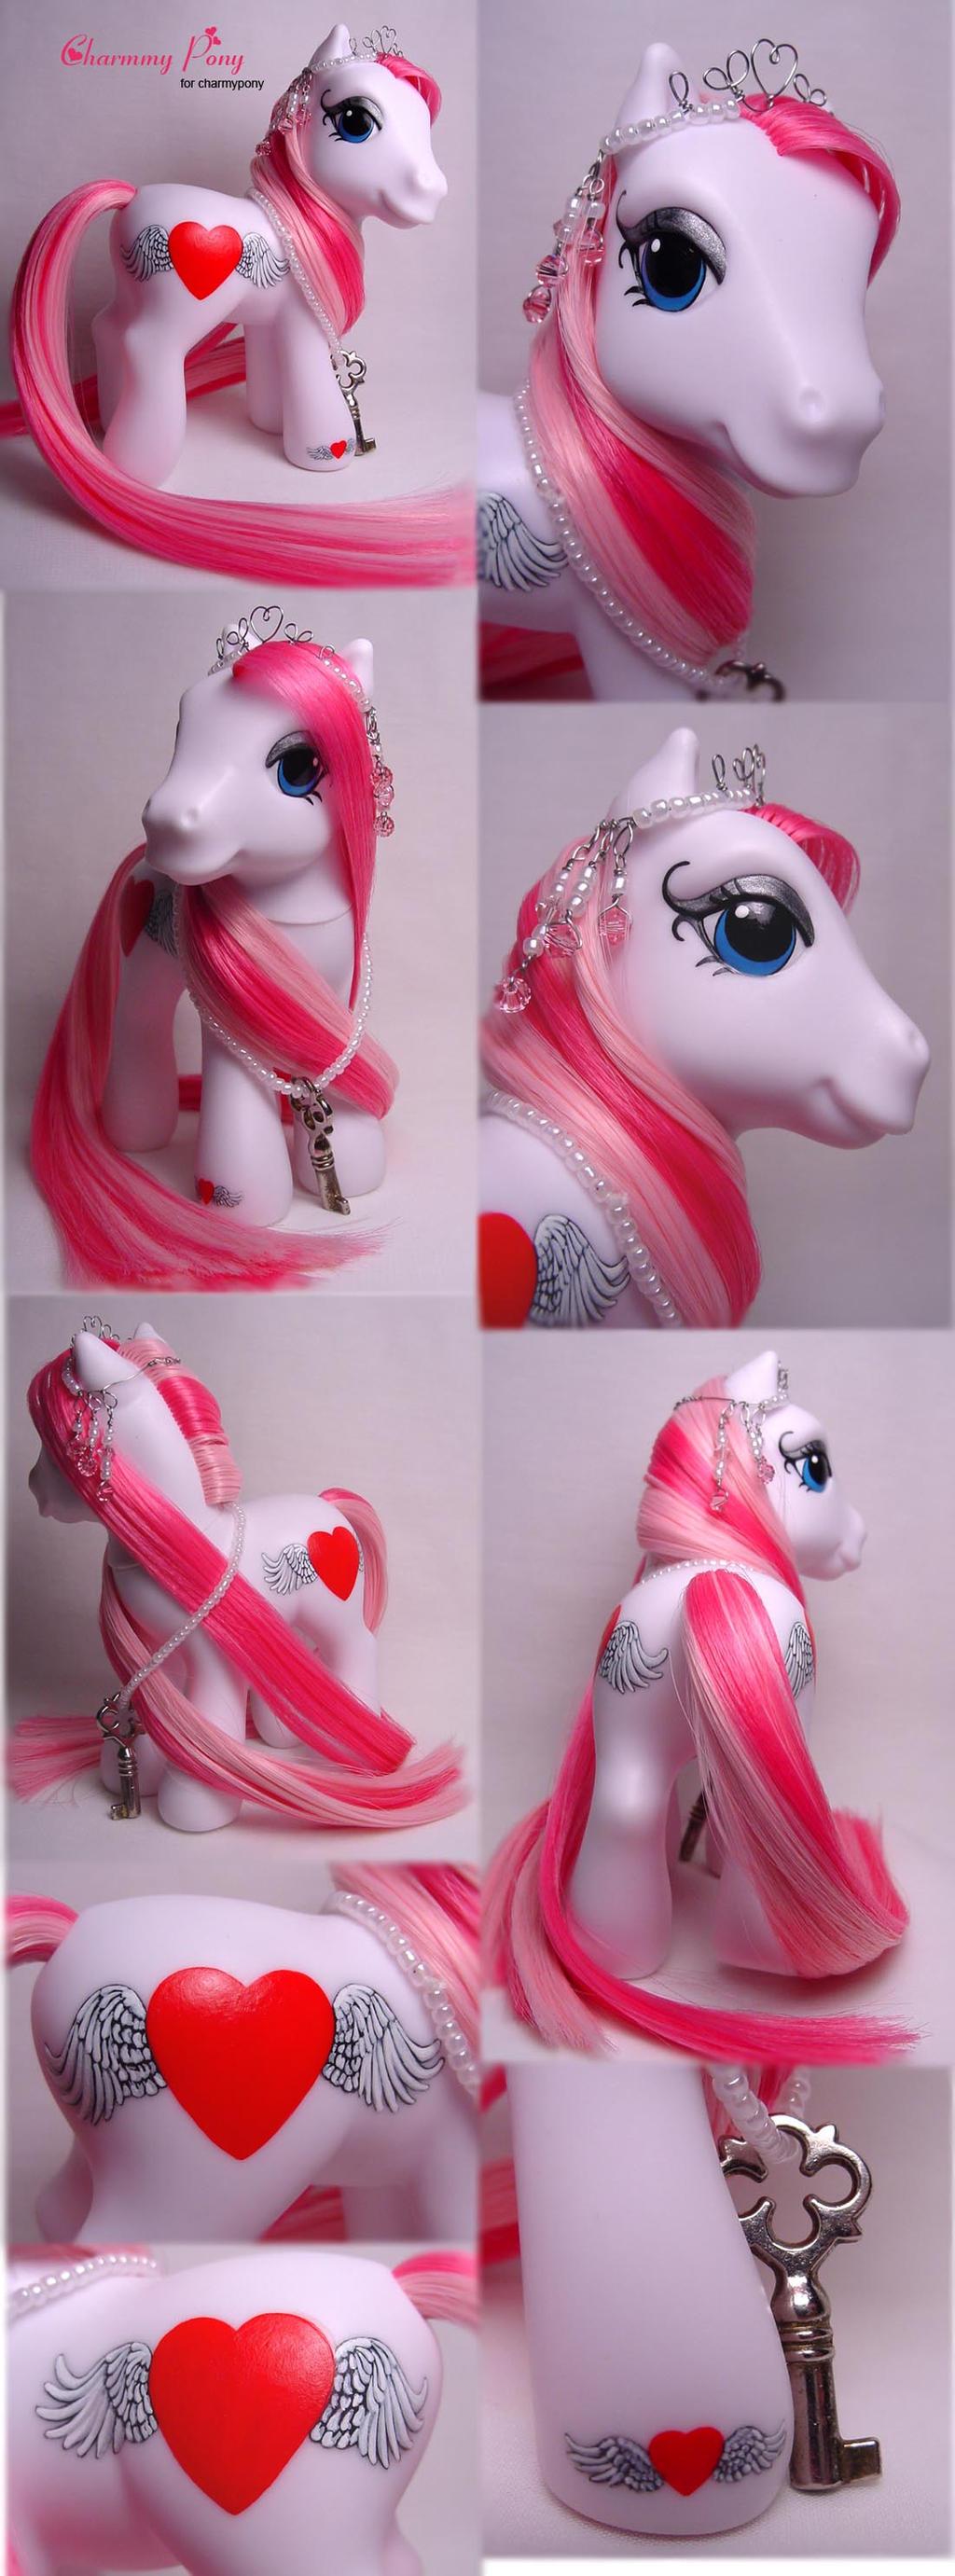 Charmmy Pony custom by Woosie